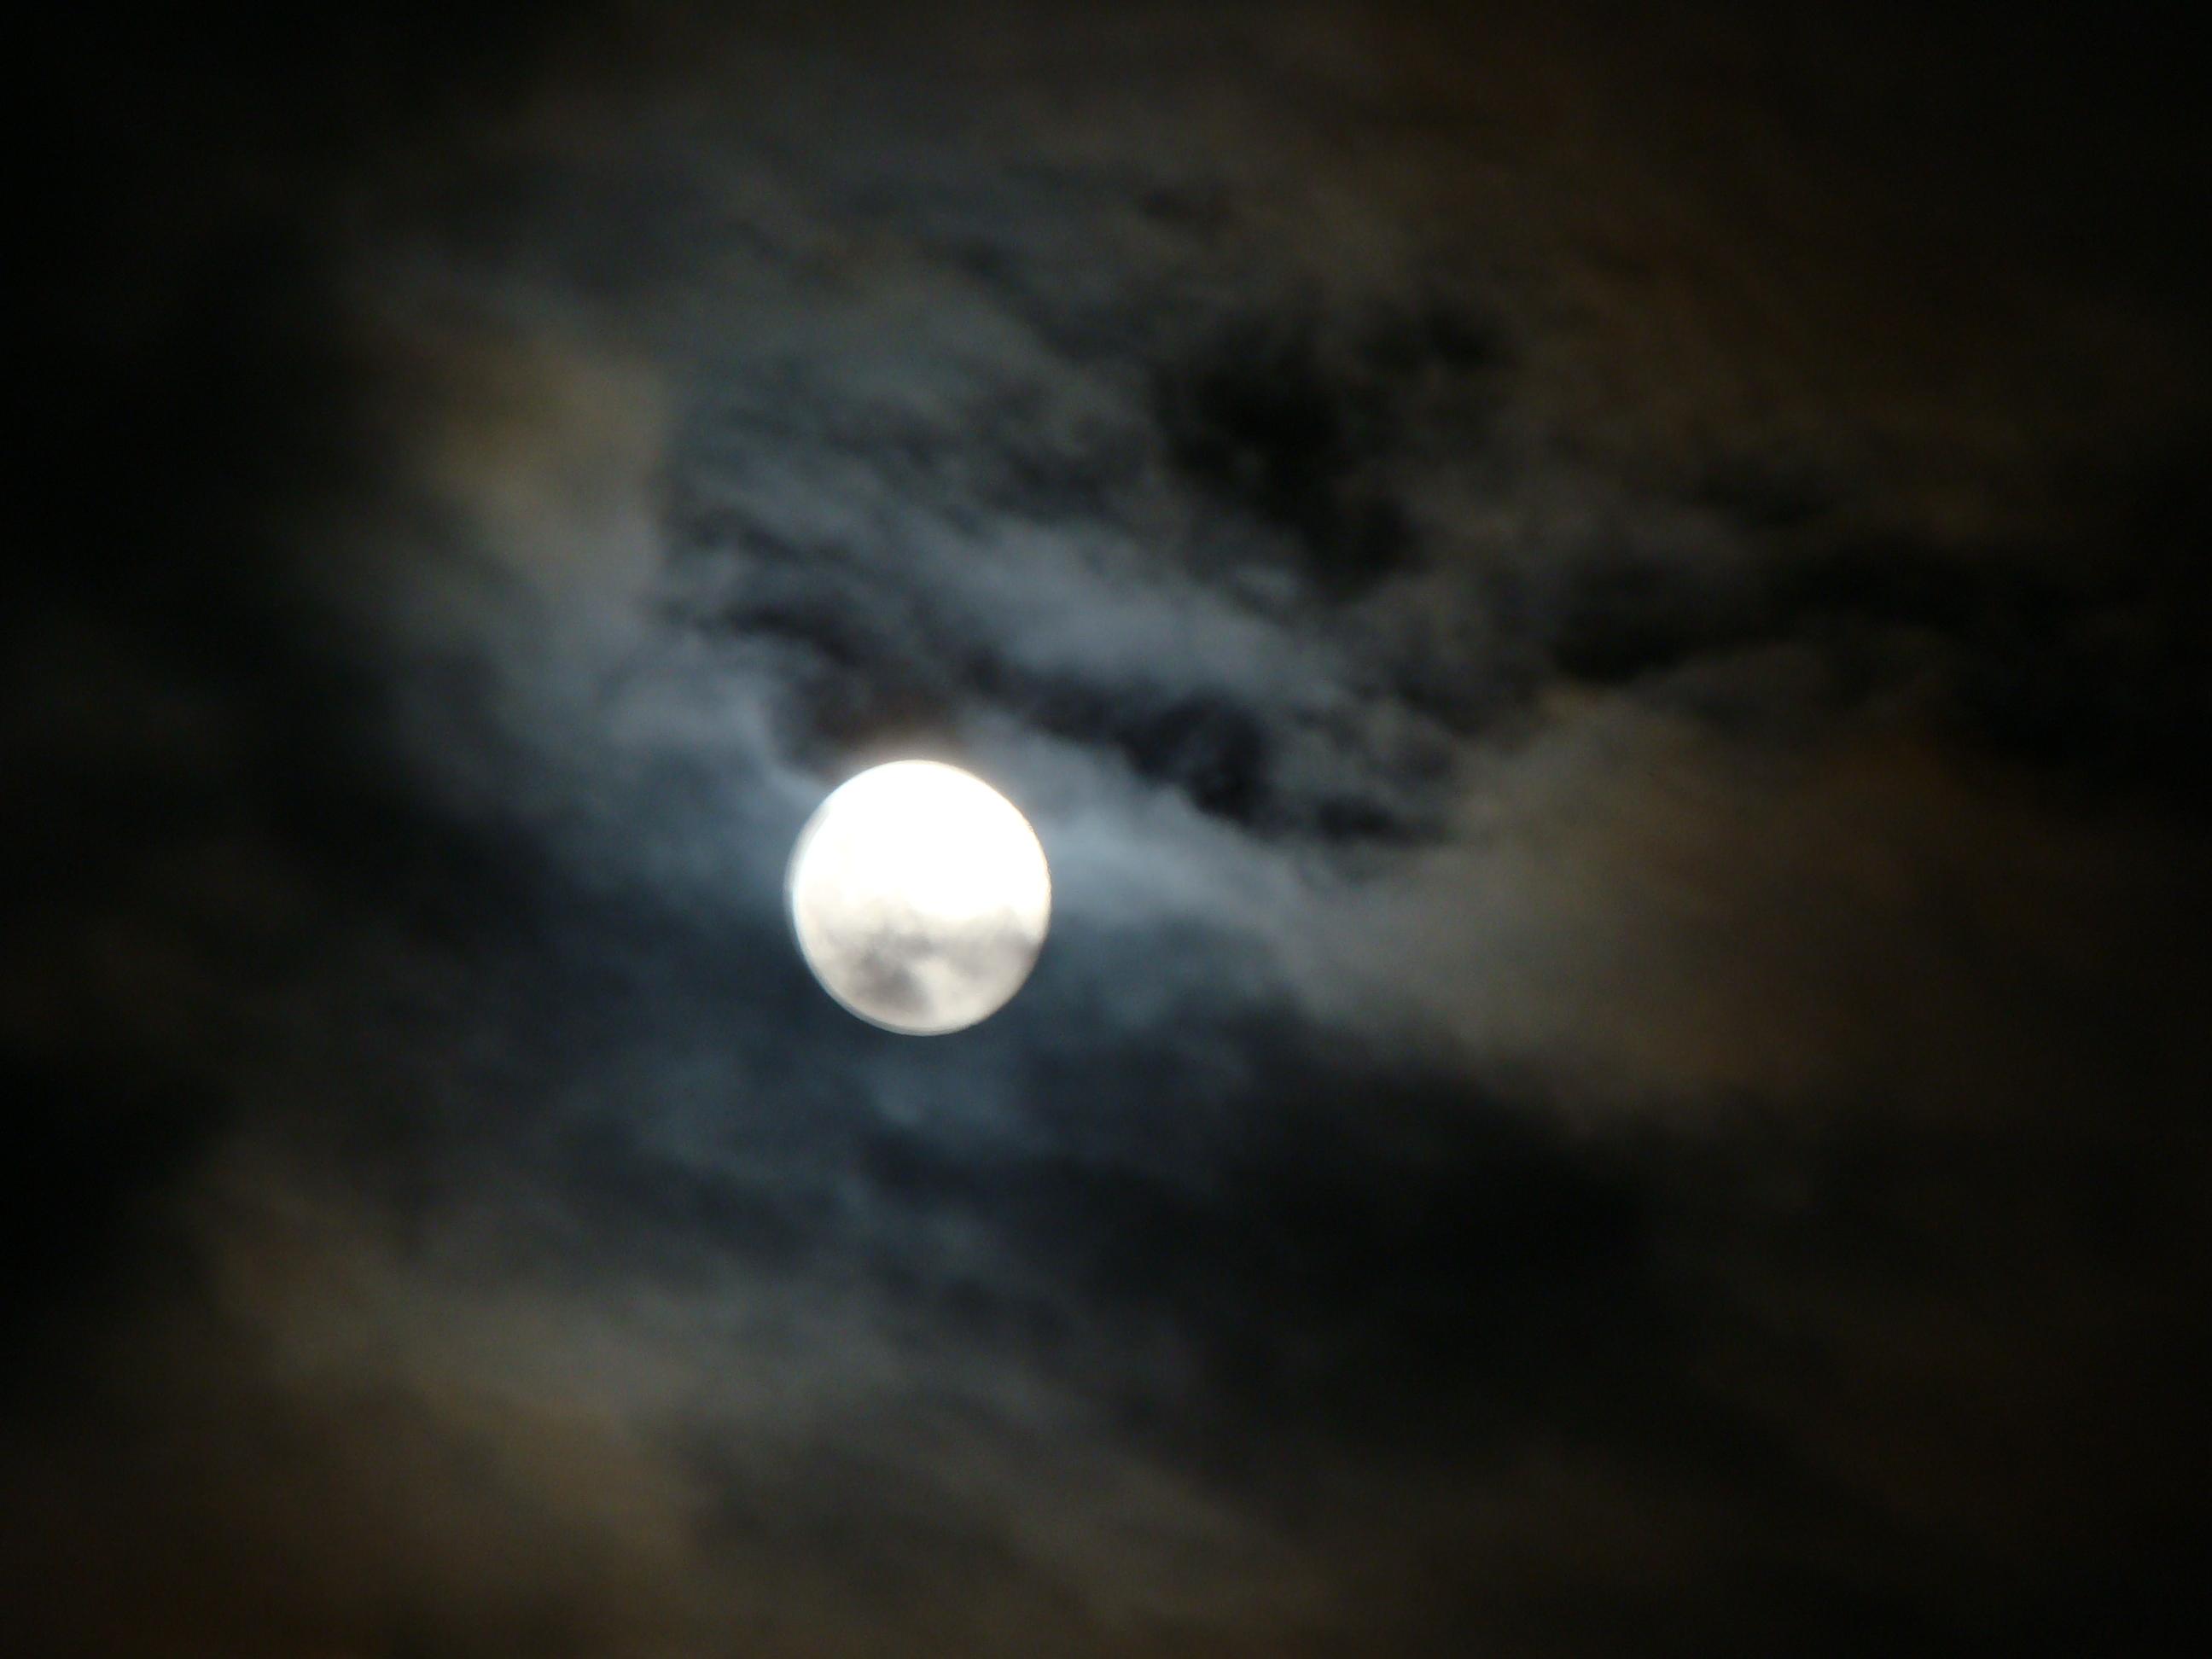 dsc03091.jpg - moon at night